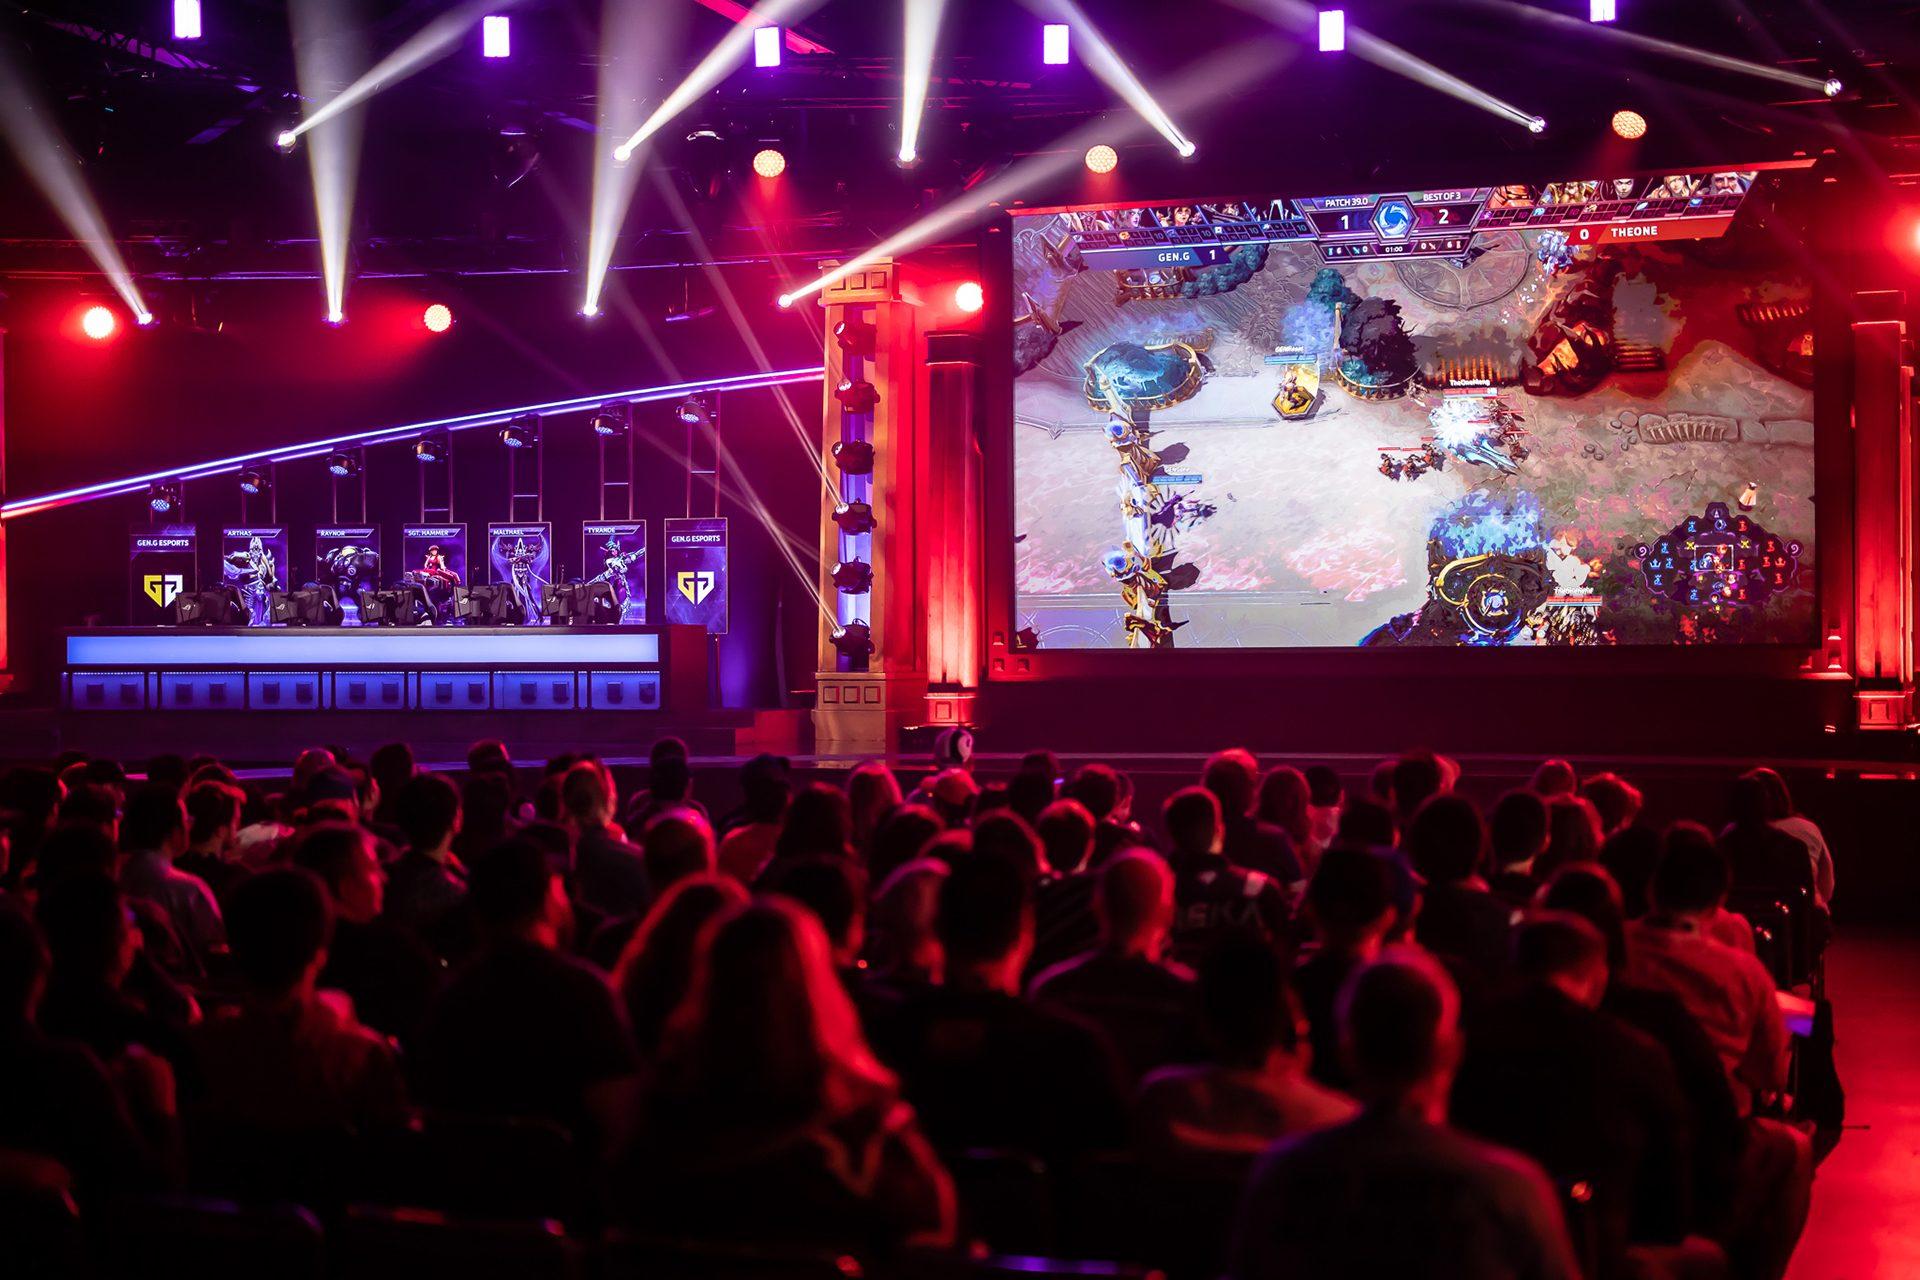 Esports4all - El competitivo de Heroes of the strom: Crónica de una muerte anunciada